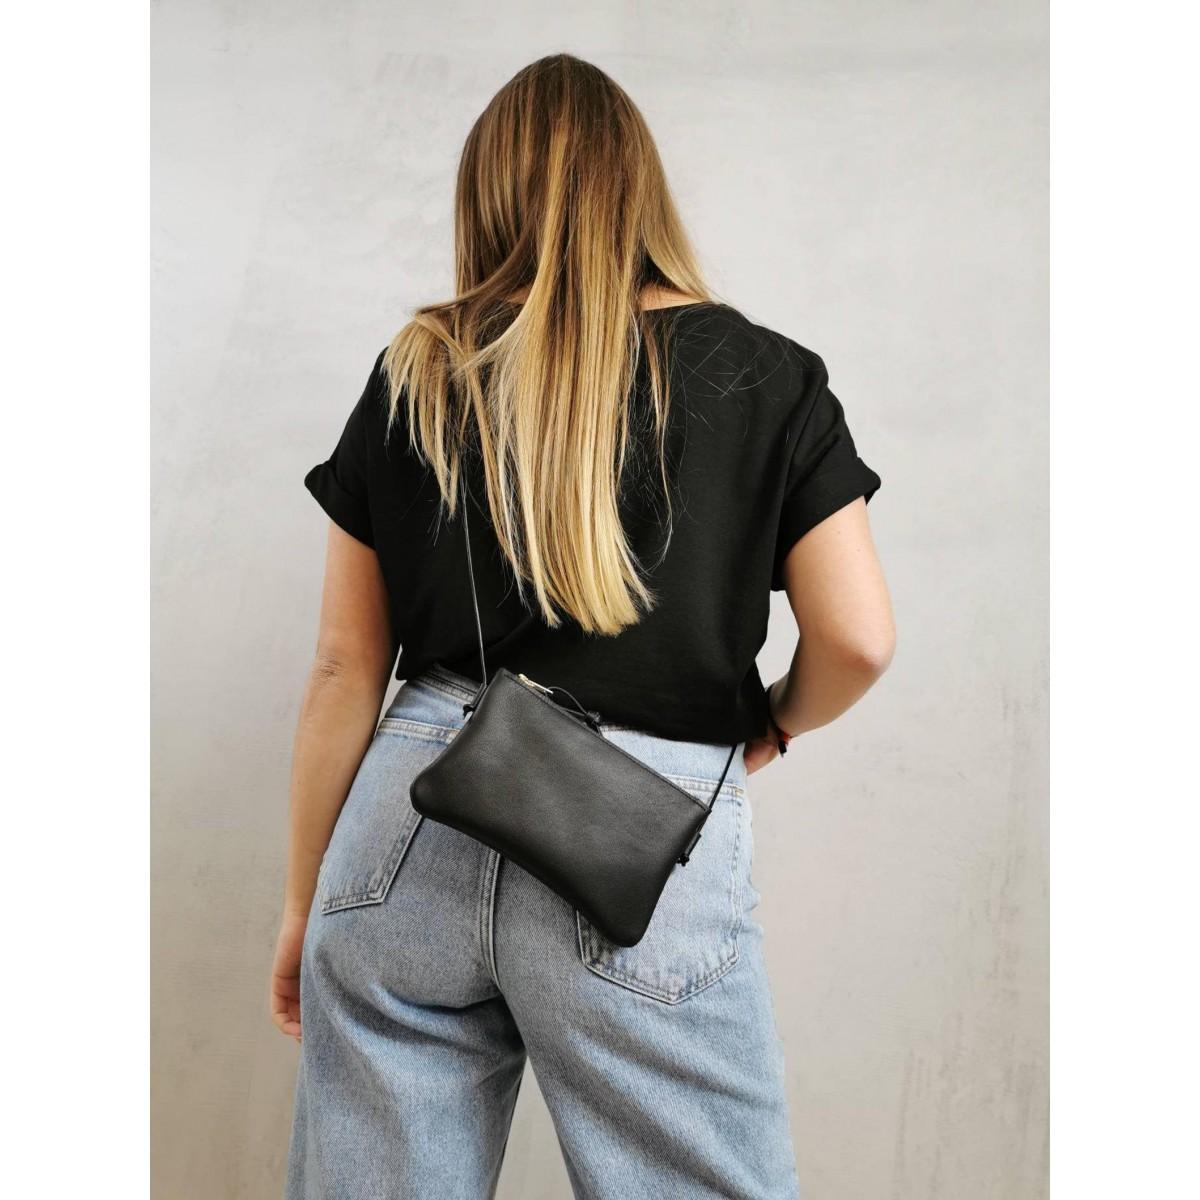 BSAITE kleine Umhängetasche / Smartphone Bag / Echt Leder